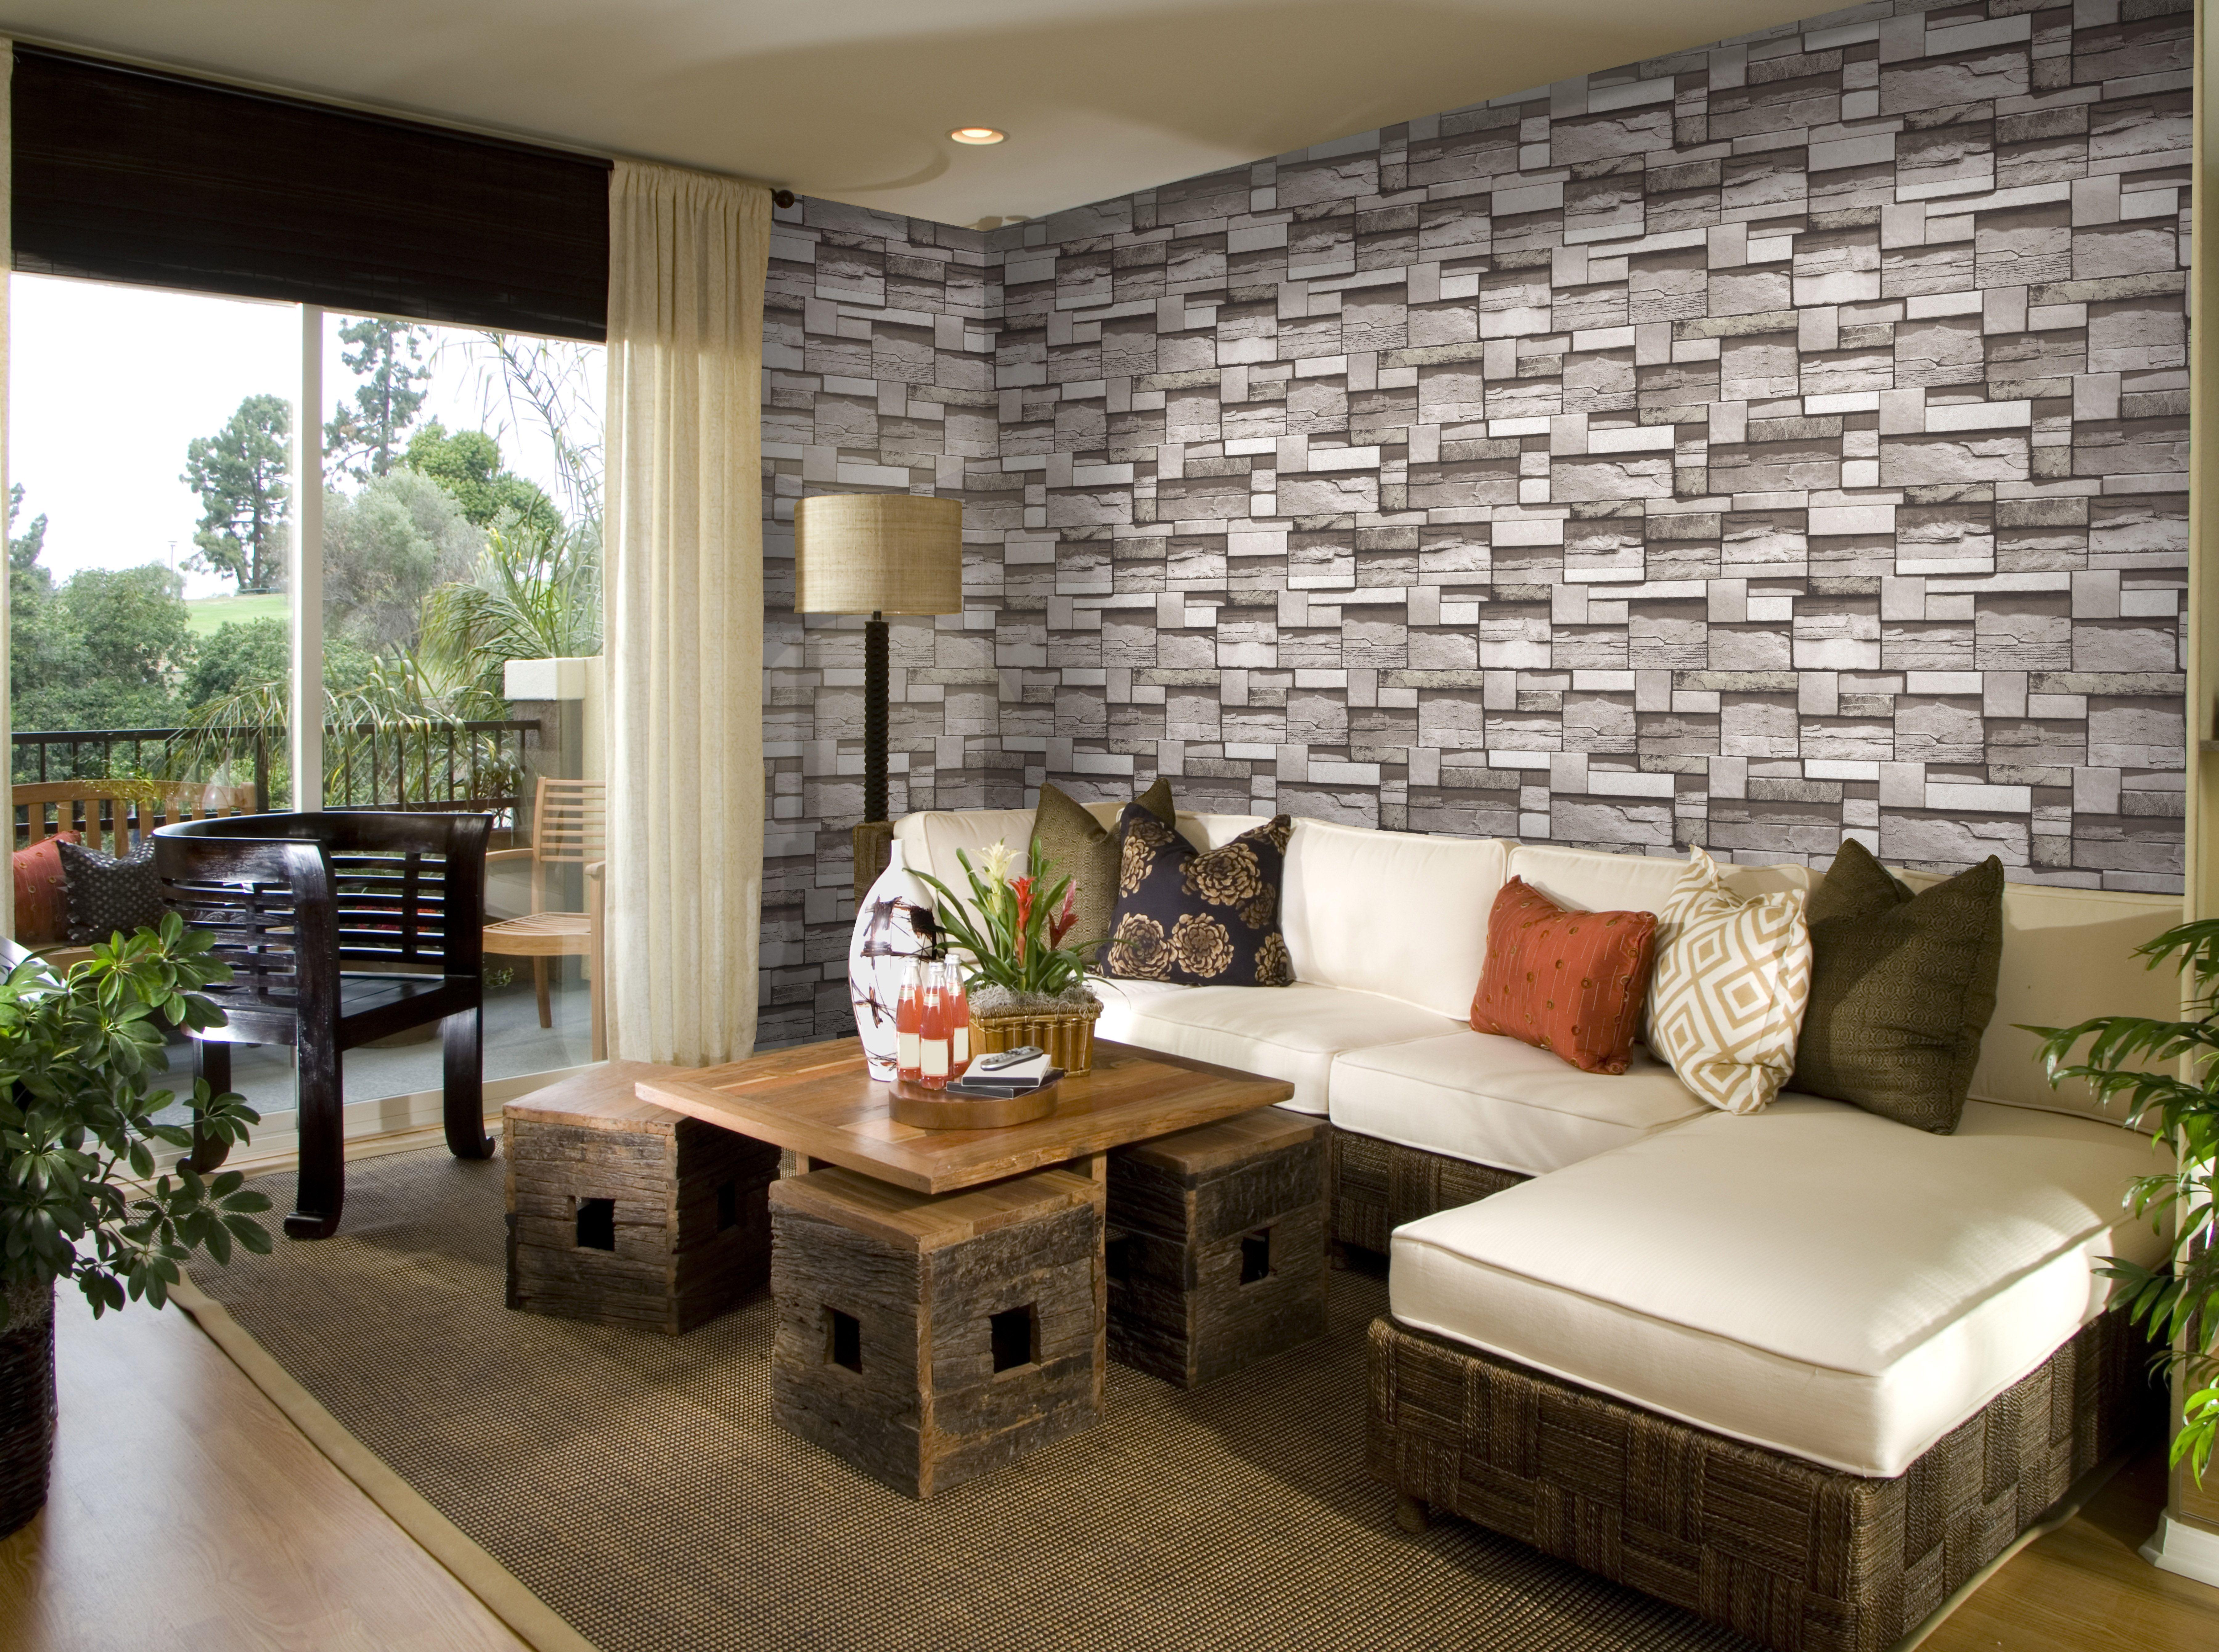 brick design interior decoration 3d wallpaper for bedroom | 3d